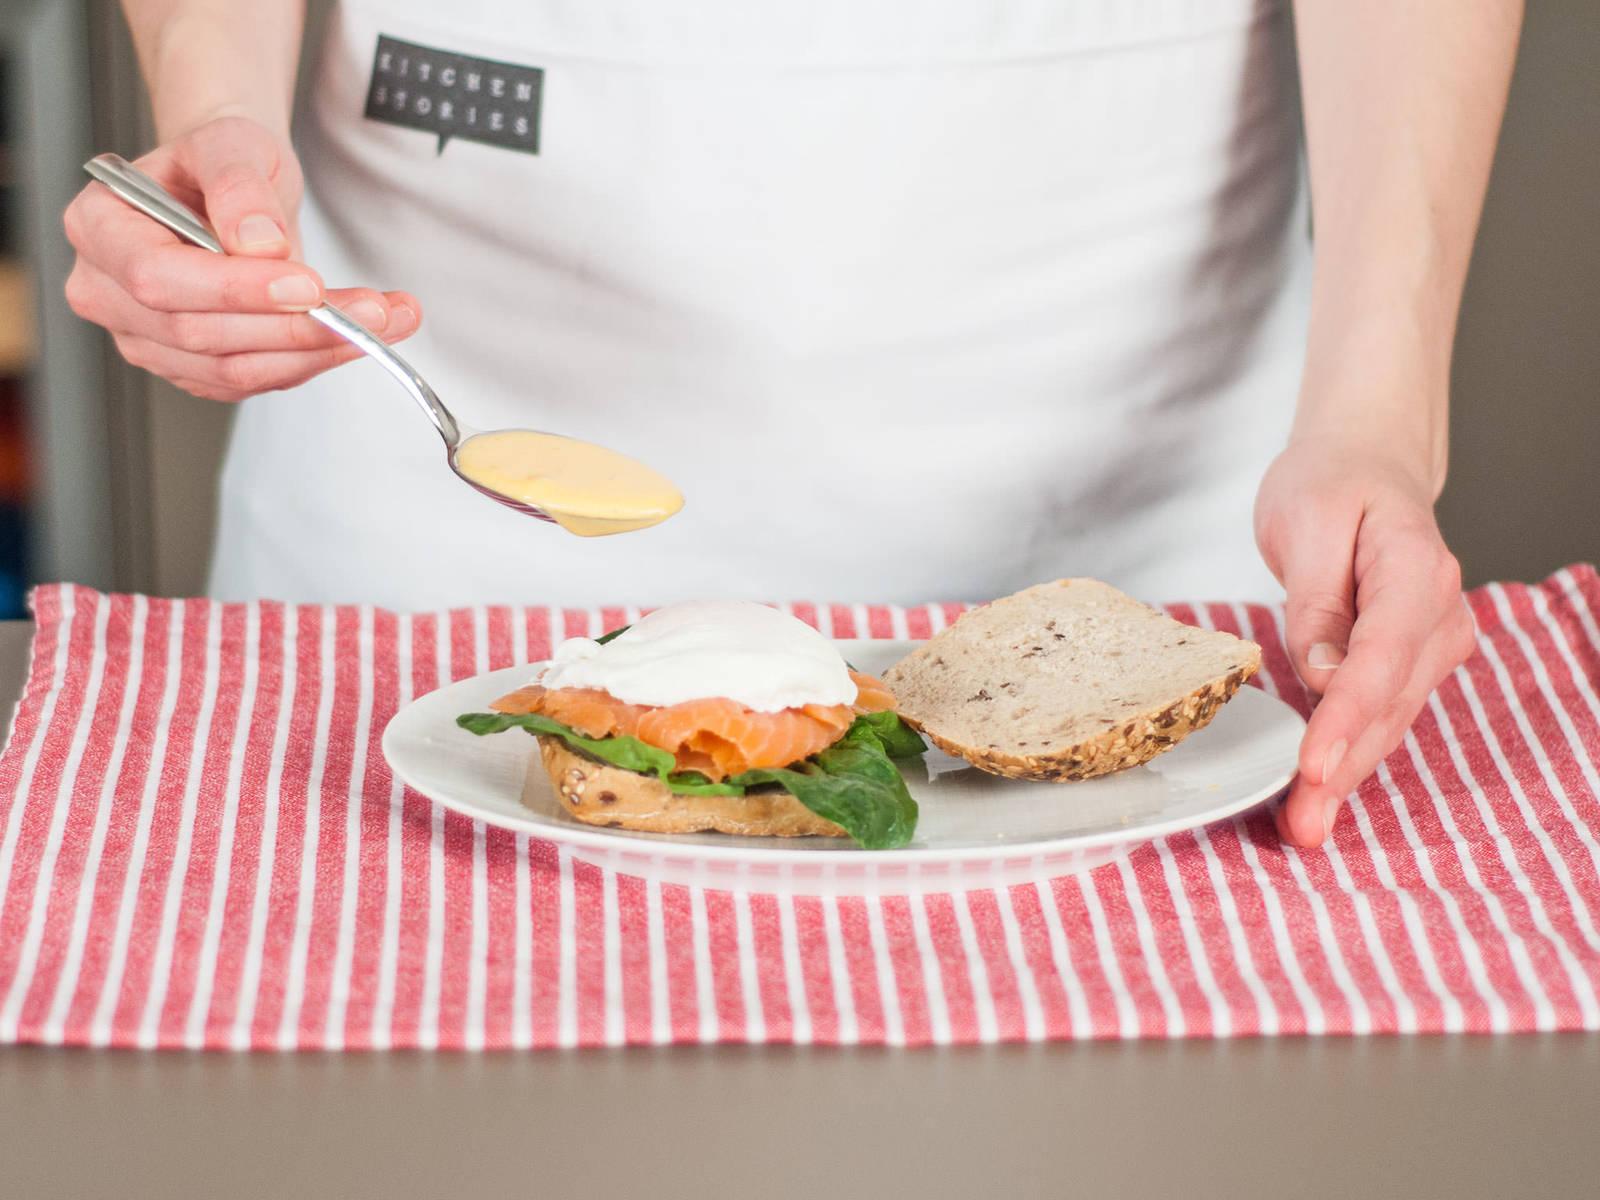 Brötchen halbieren. Beide Seiten mit einem Klecks Hollandaise bestreichen. Brötchen mit Spinat, Lachs und Ei belegen. Zum Schluss mit Hollandaise beträufeln. Guten Appetit!